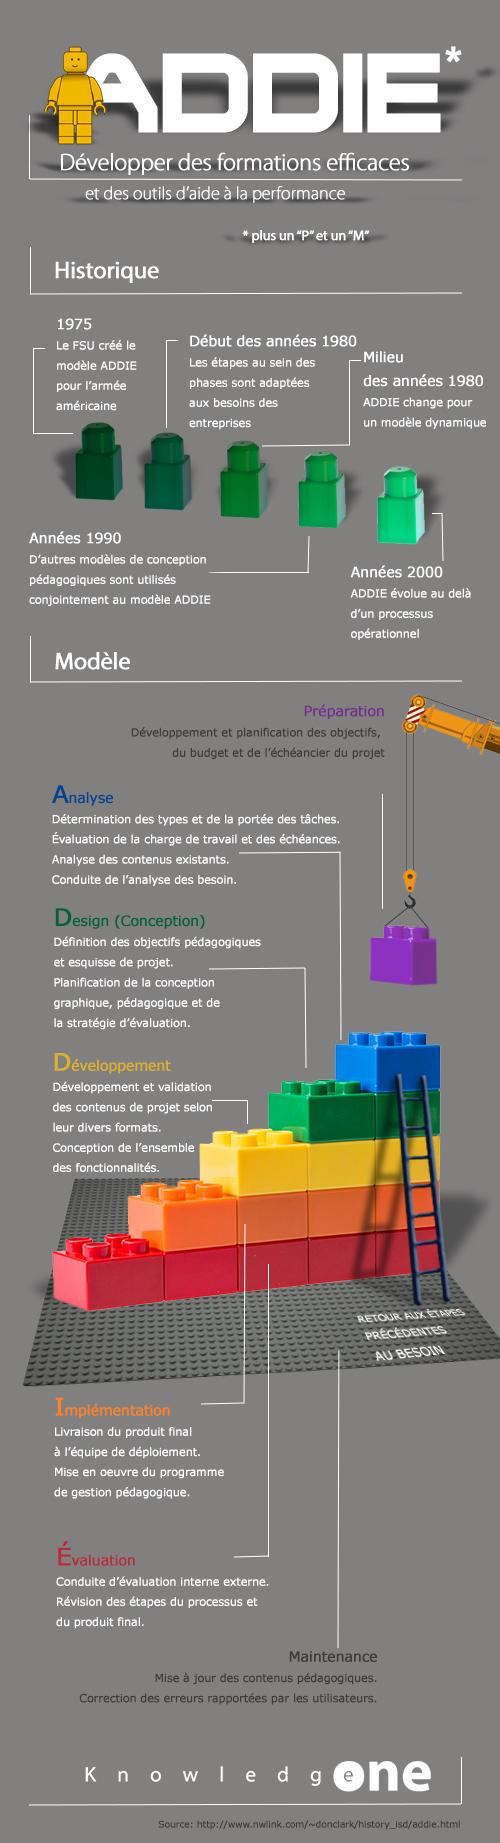 infographie - le modèle ADDIE